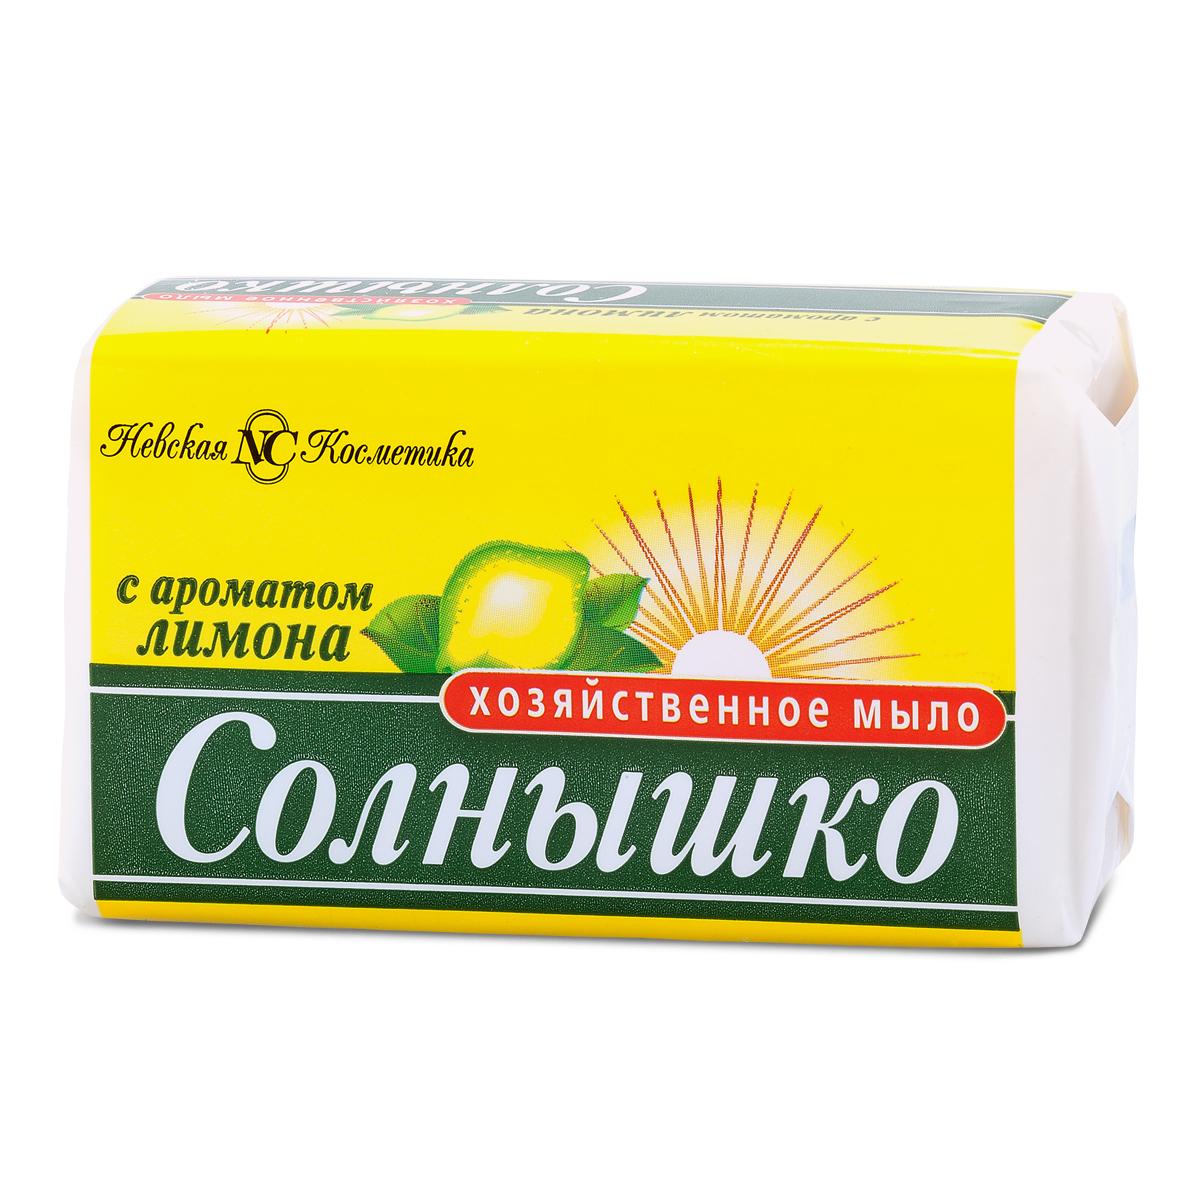 Купить Мыло хозяйственное Невская Косметика Солнышко с ароматом лимона, 140гр, Россия